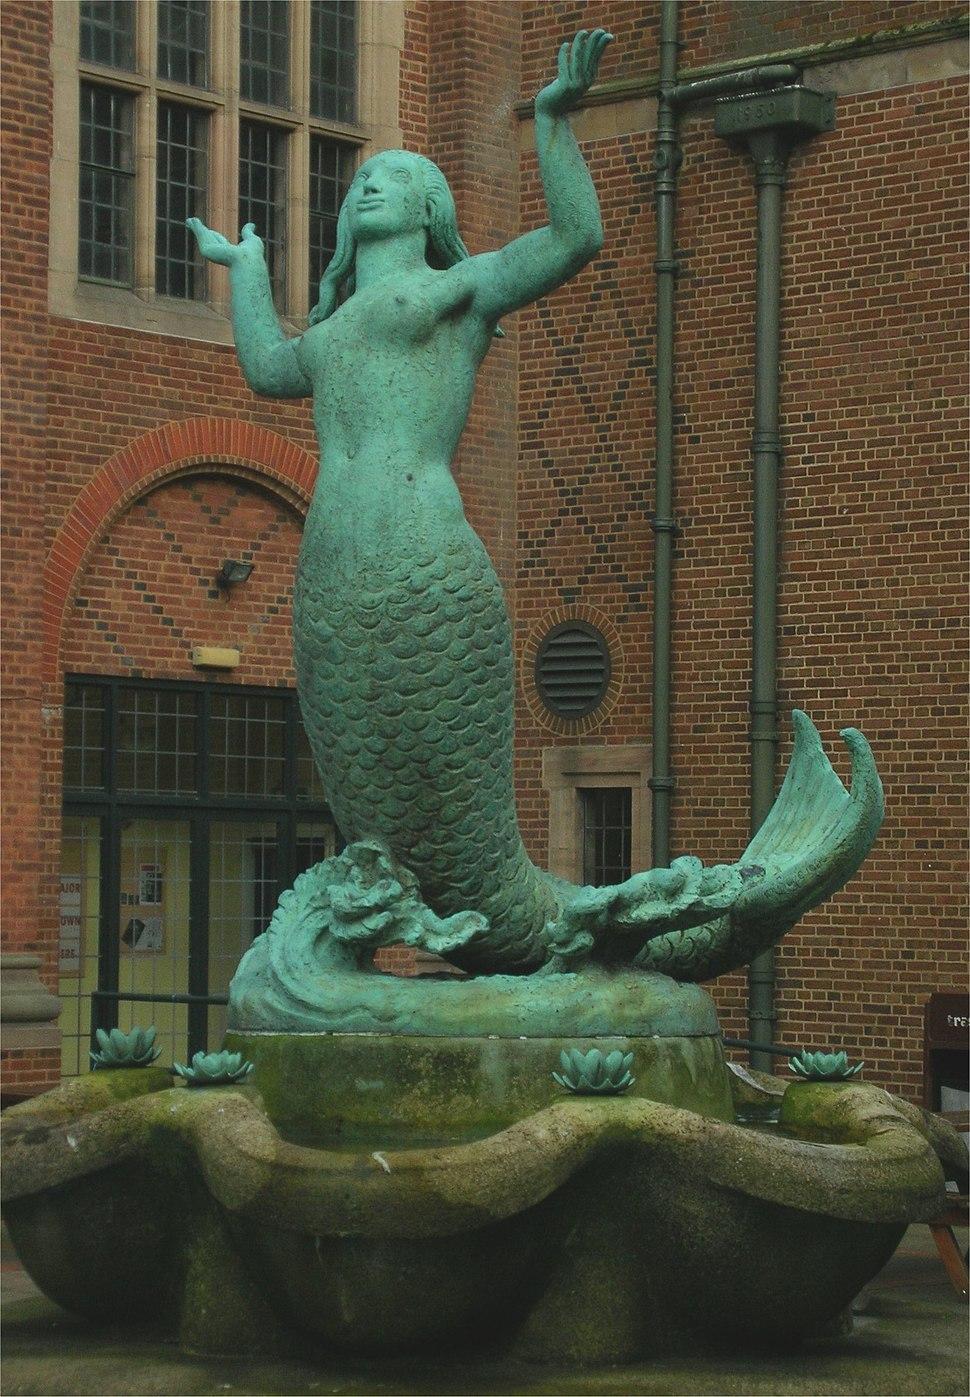 Bloye BUGS mermaid, bronze